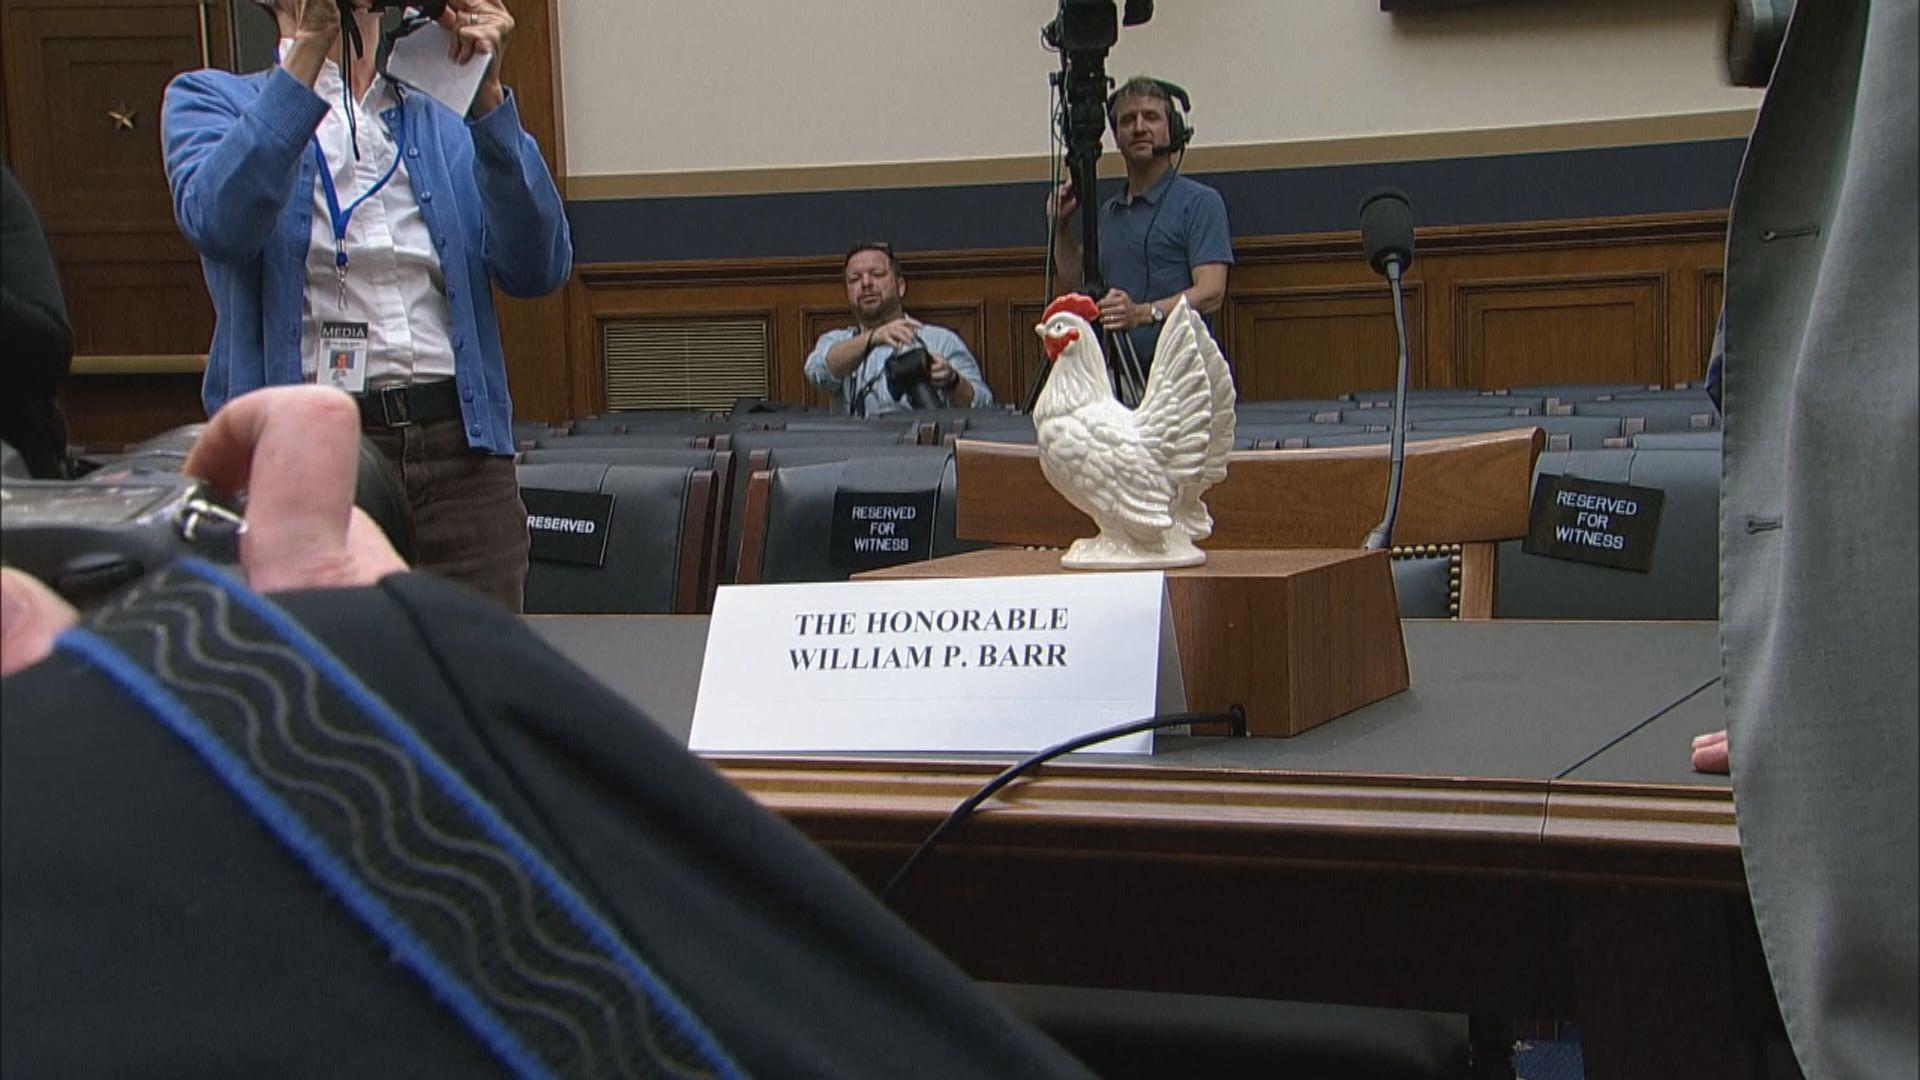 美司法部長巴爾缺席眾議院聽證會